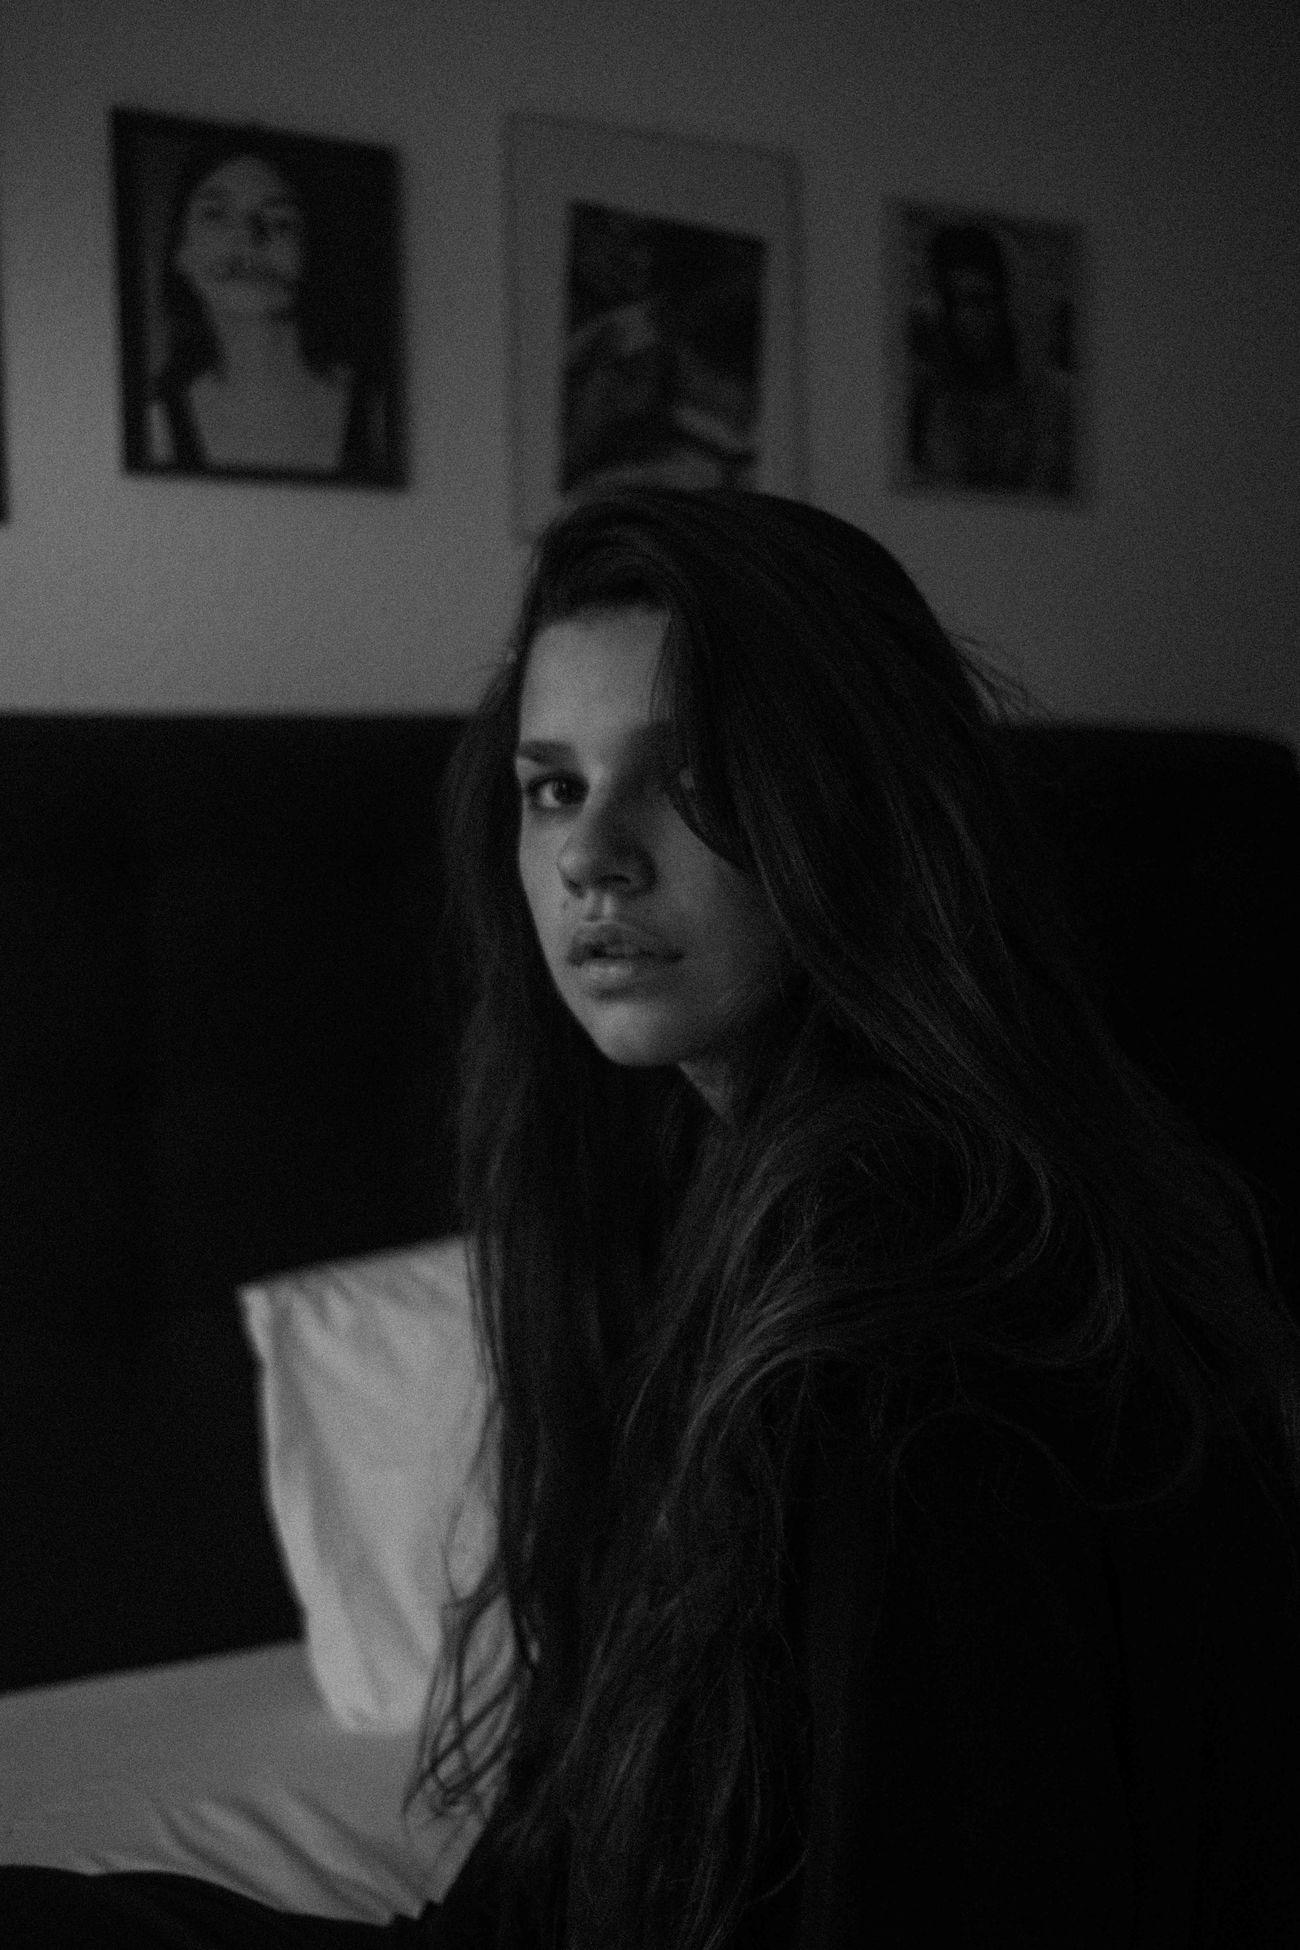 в помещении, один человек, домашний интерьер, молодые женщины, кровать